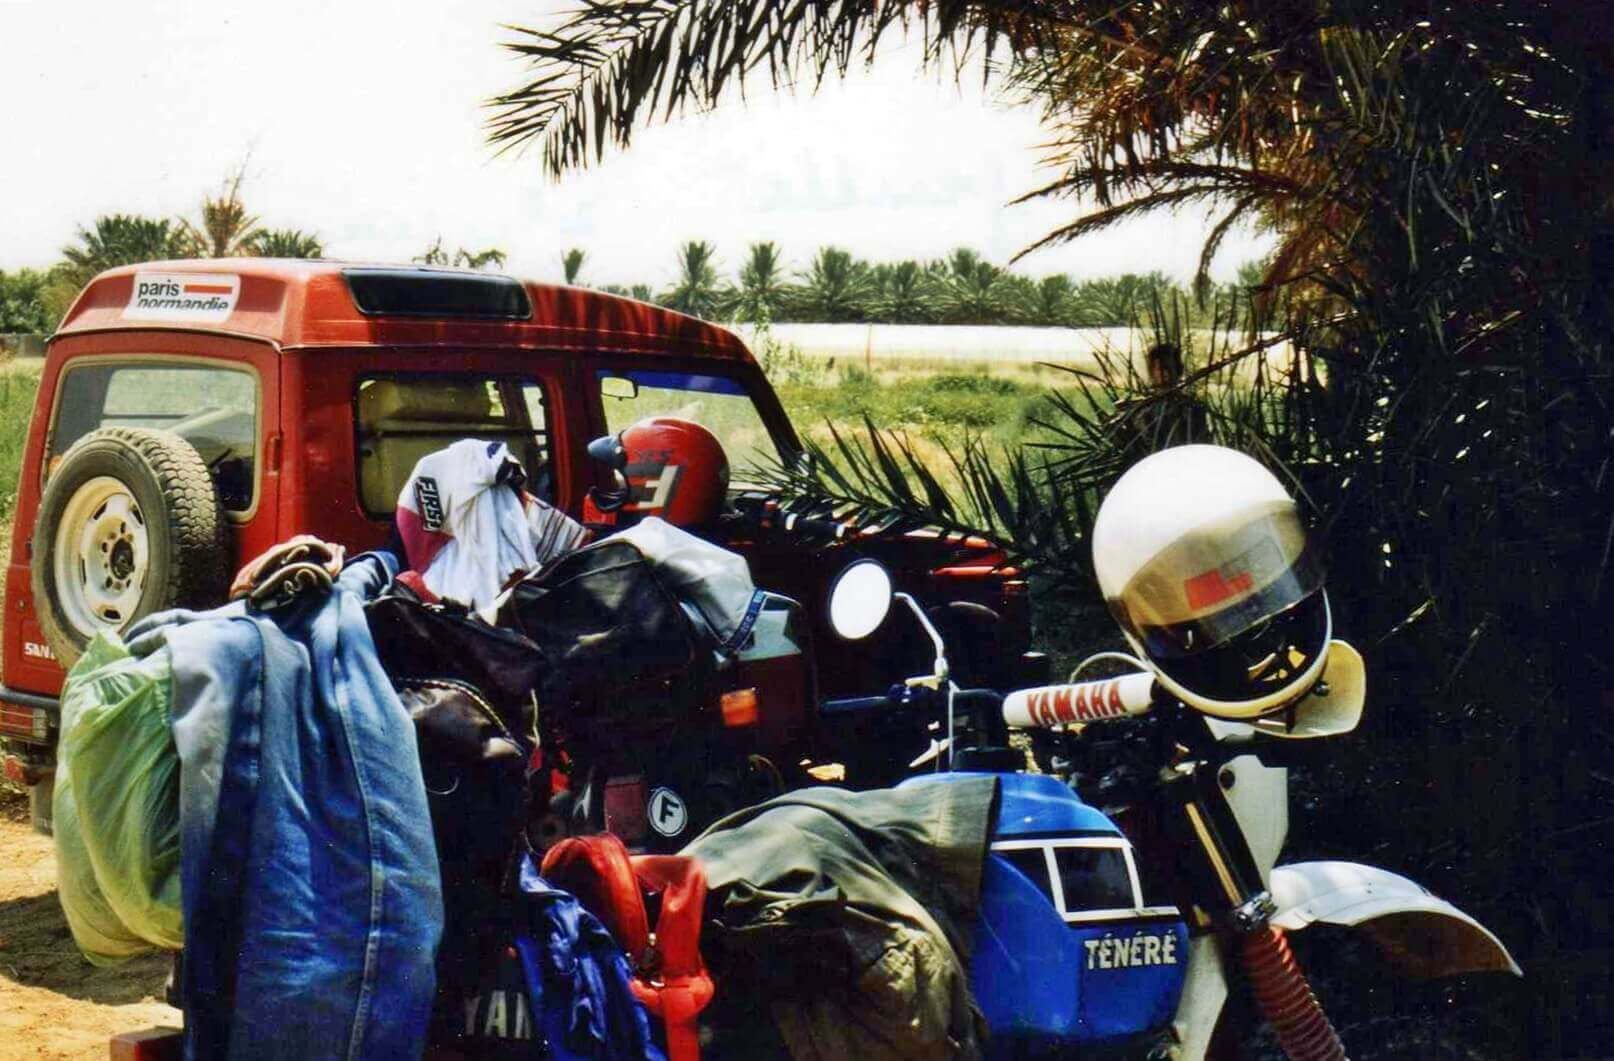 Raid moto 4x4 Tunisie Wild Spot Chebika Gafsa région Moularès champs pastèques melons